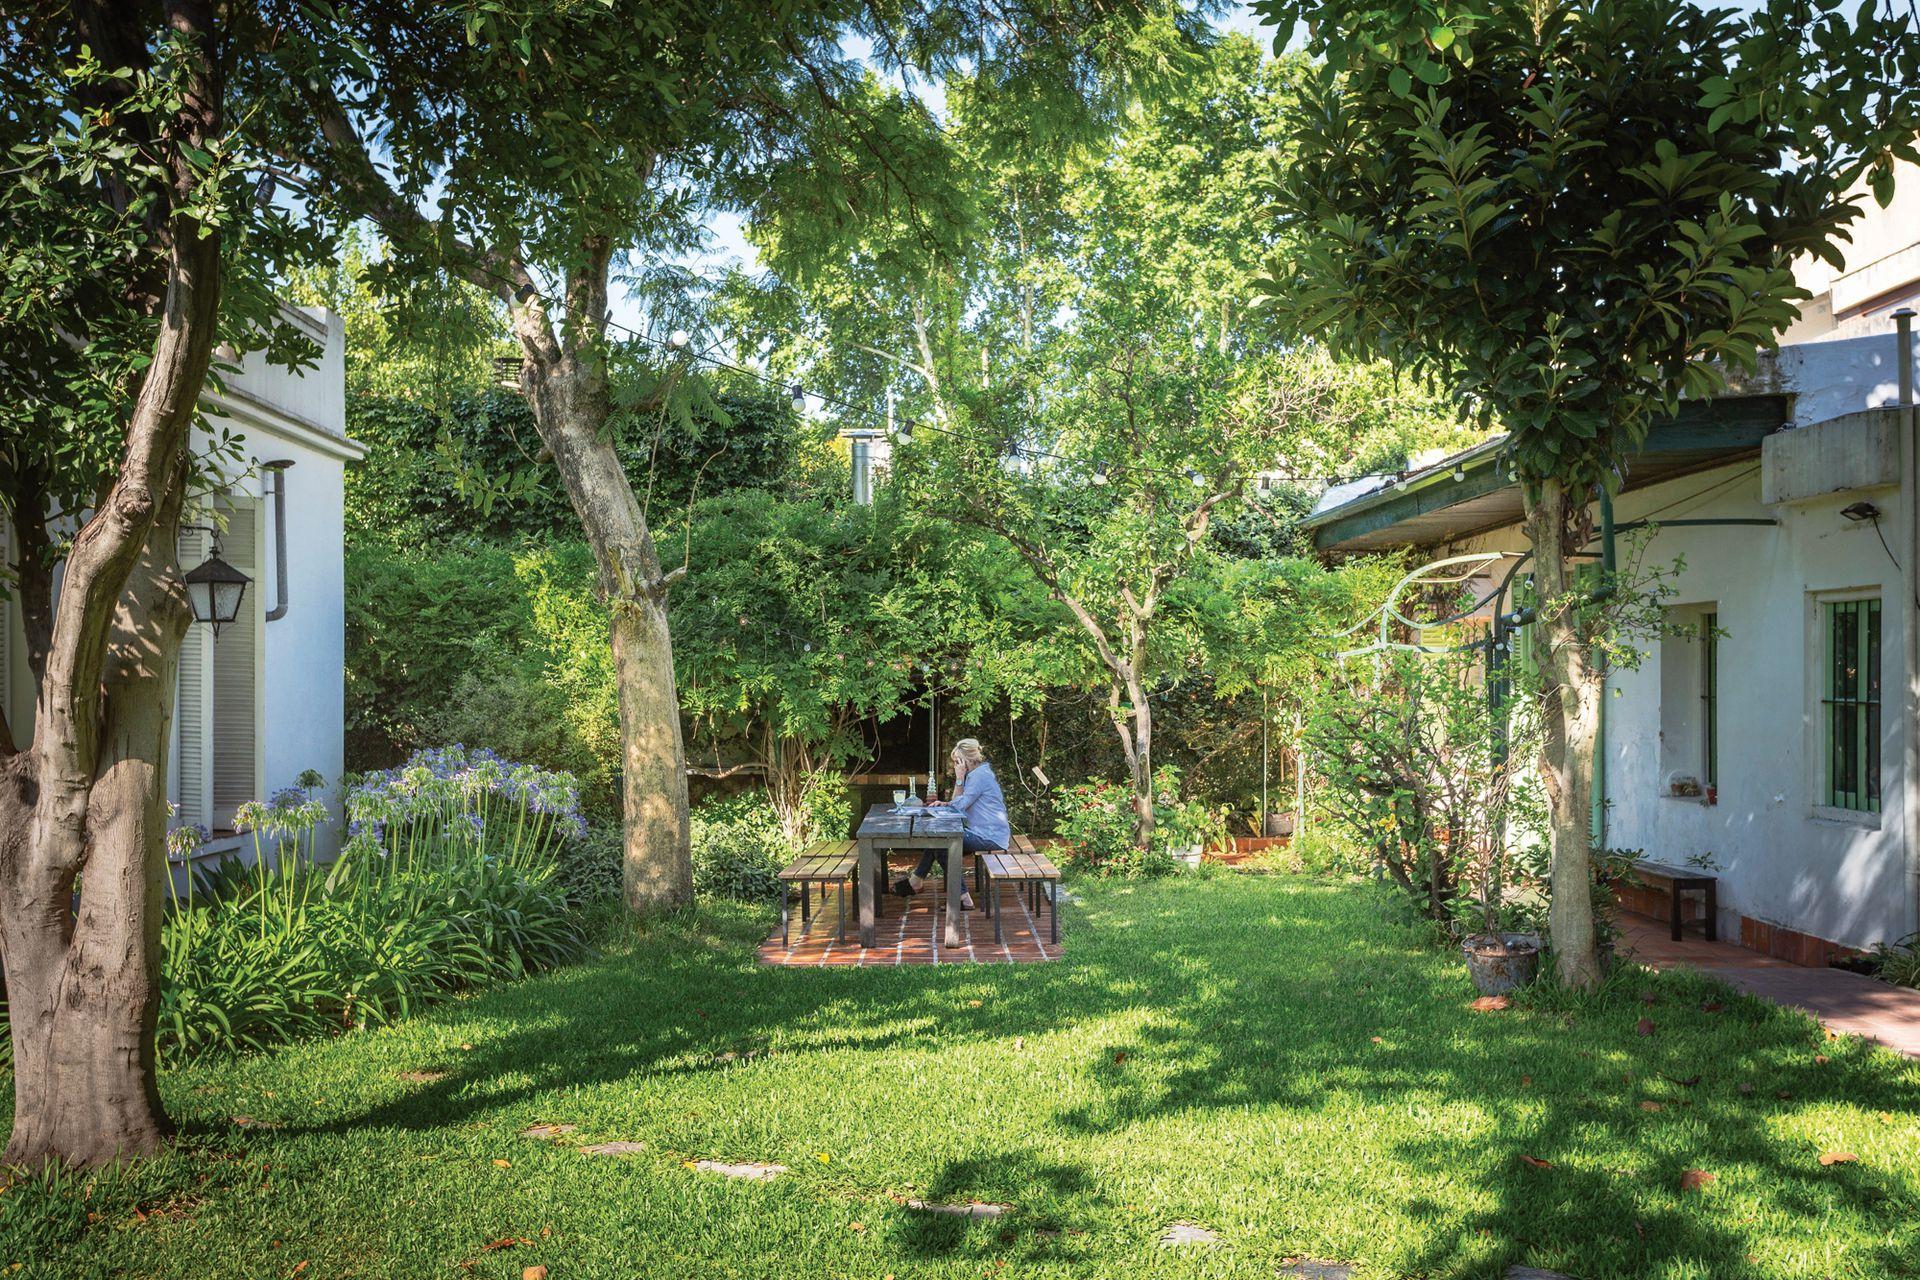 Miriam, fanática de la jardinería, se ocupó de recuperar el césped –que estaba muy maltrecho–, de poner canteros de agapantos y de podar y mantener en buena forma los ejemplares históricos de la casa: un nogal, un limonero, un olivo y un árbol de paltas